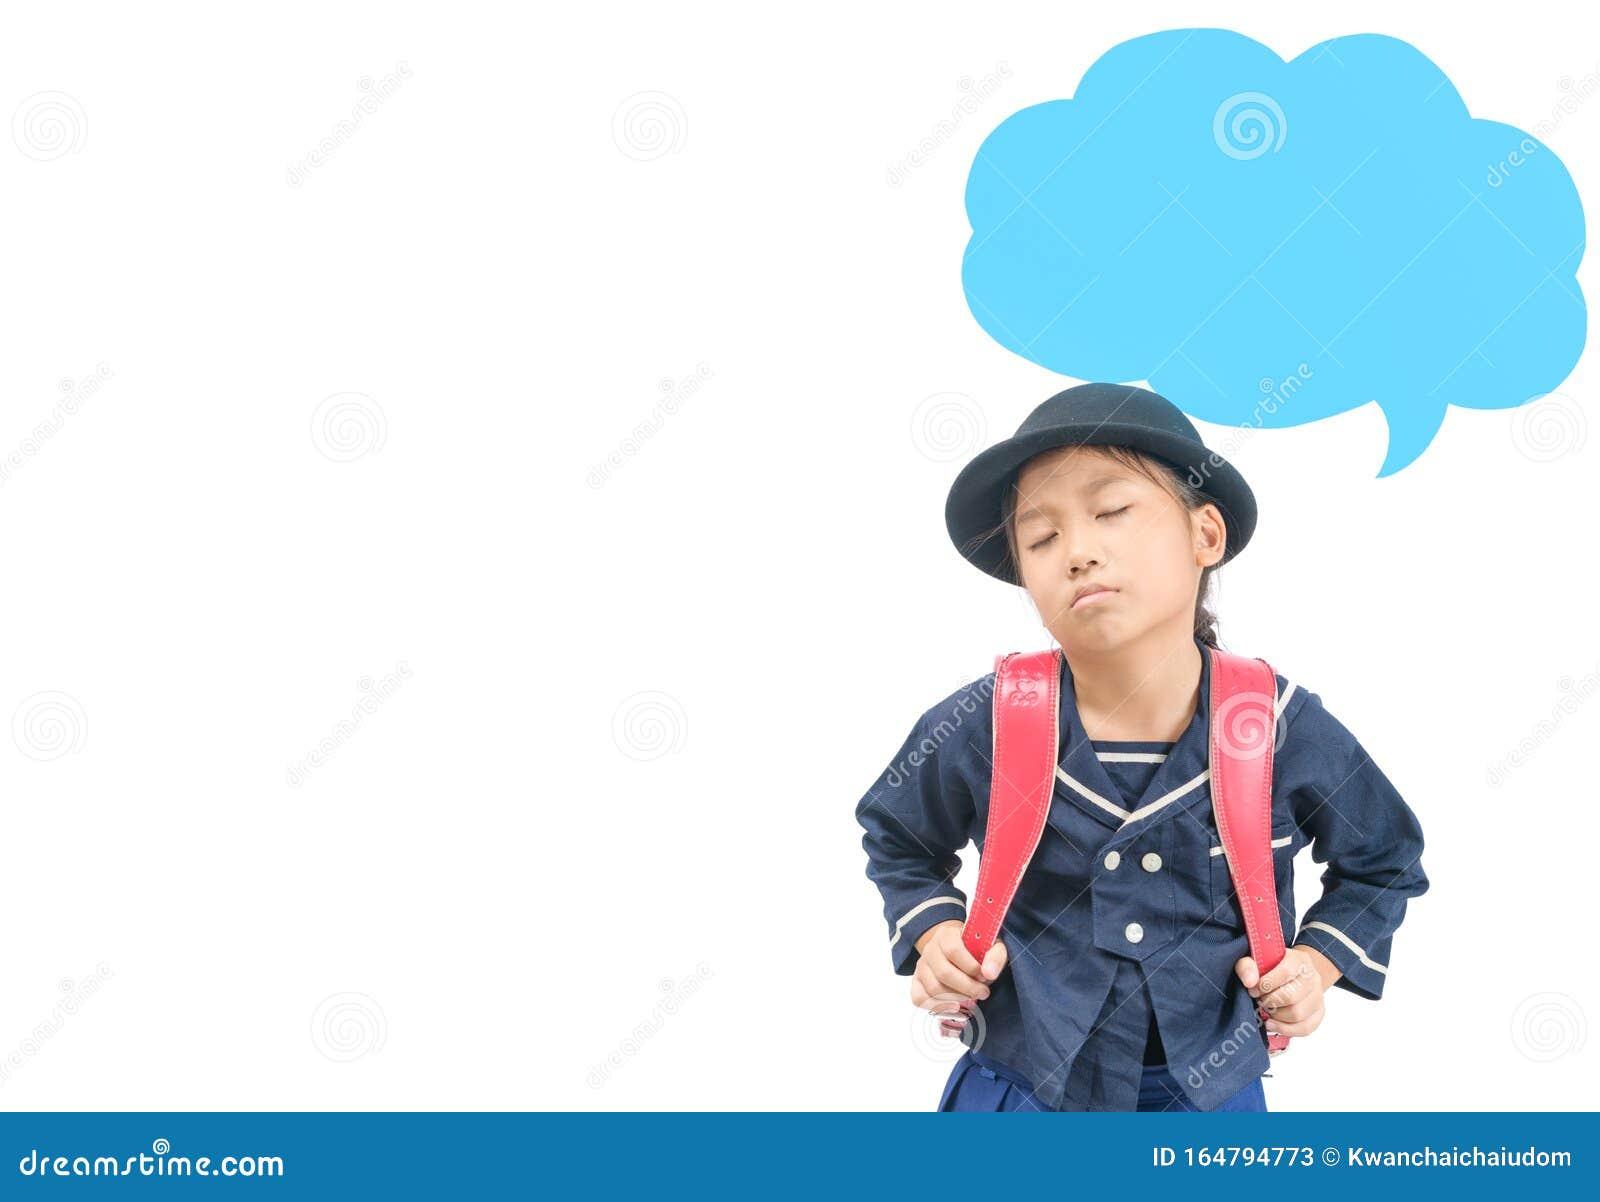 asian Bubble otngagged uniform